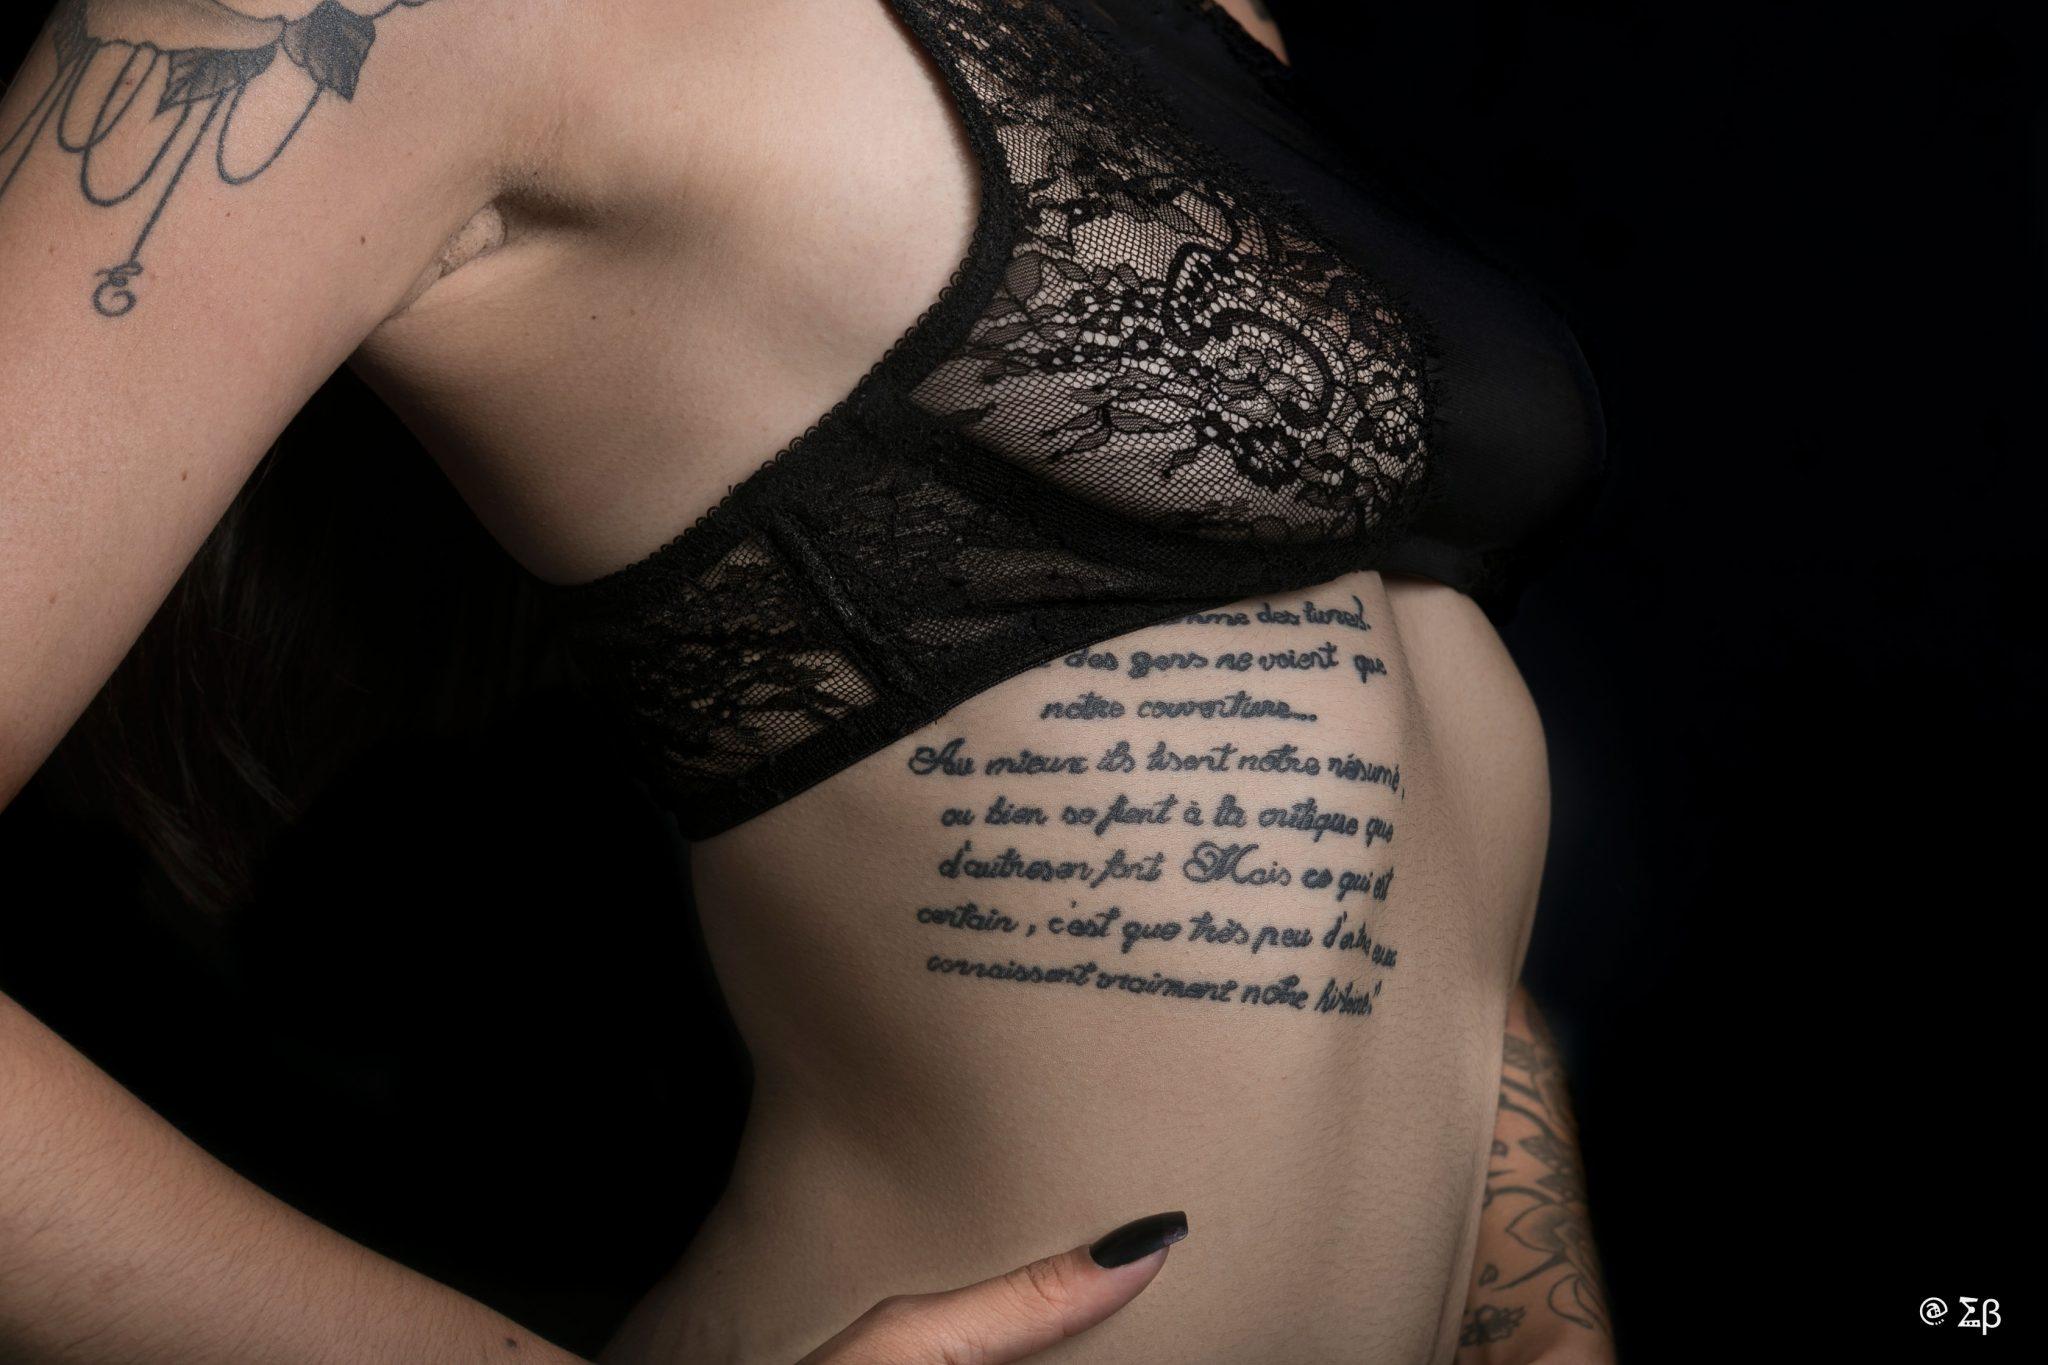 portrait-boudoir-studio-saintmaximinlasaintebaume-eucleiaphoto-femme-fminin-